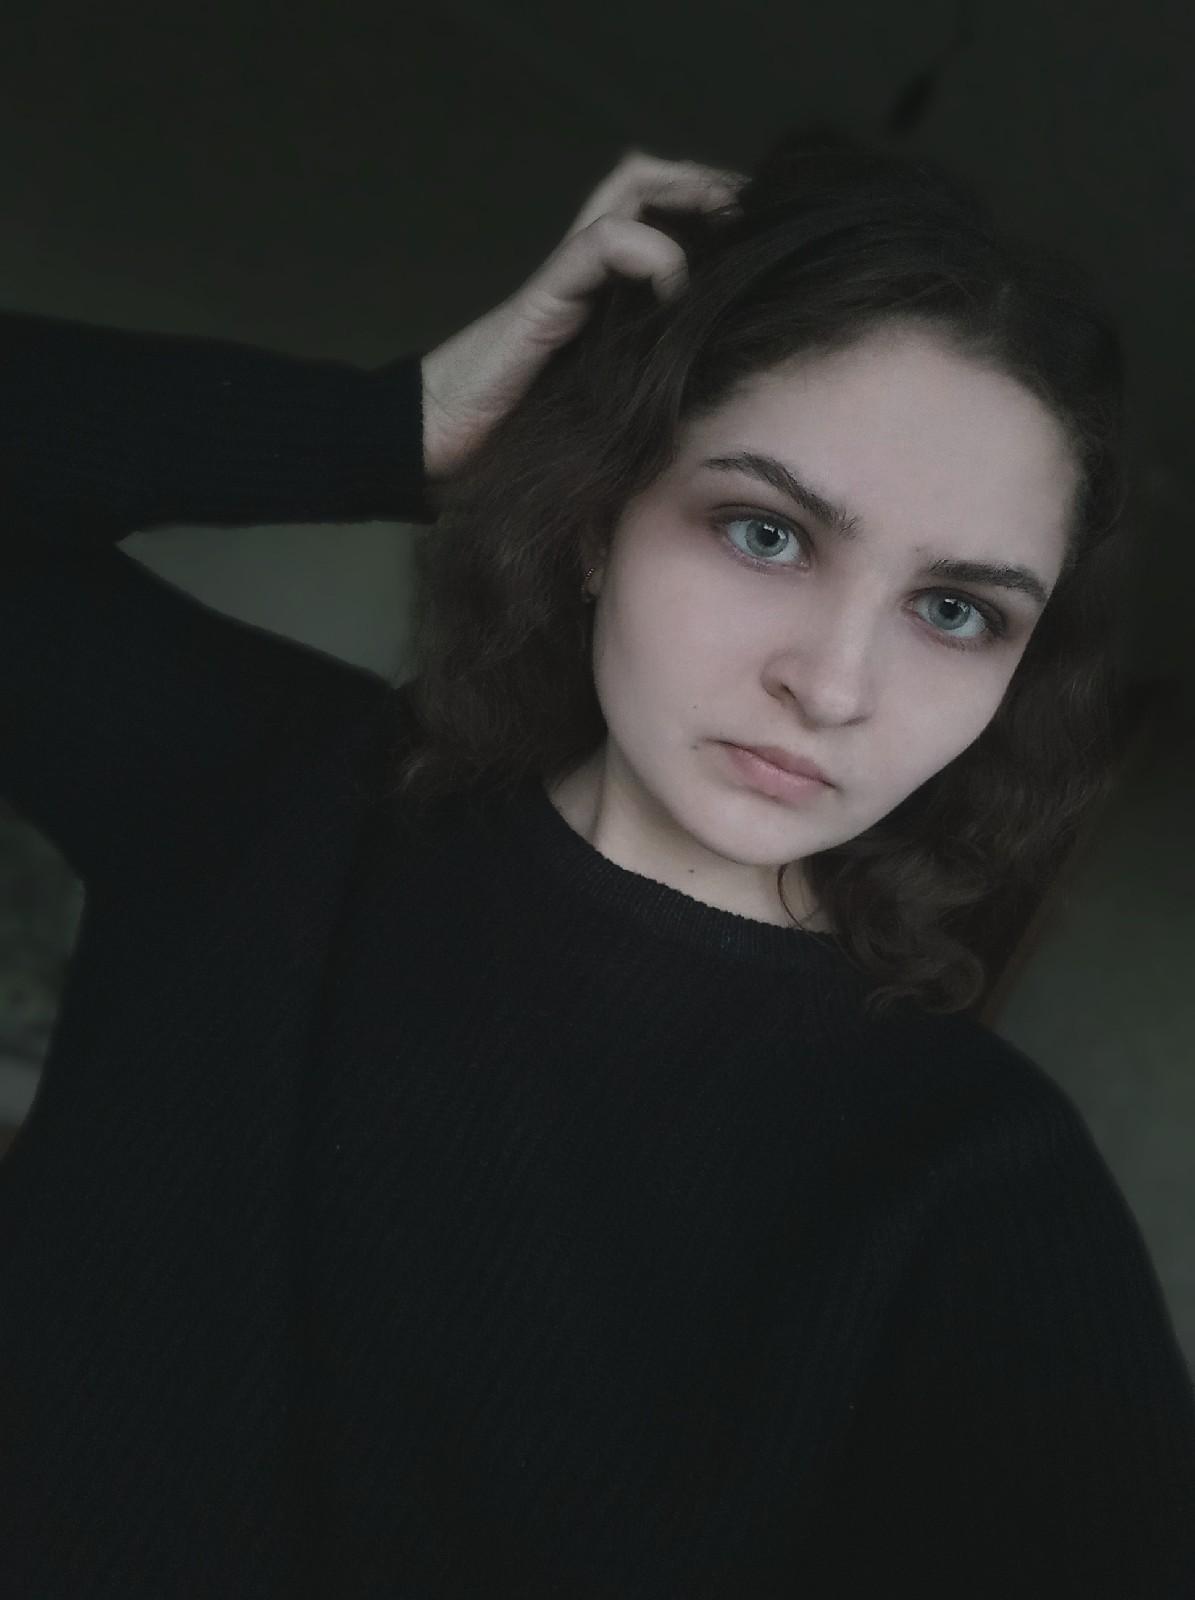 Гнездилова Екатерина / страница автора